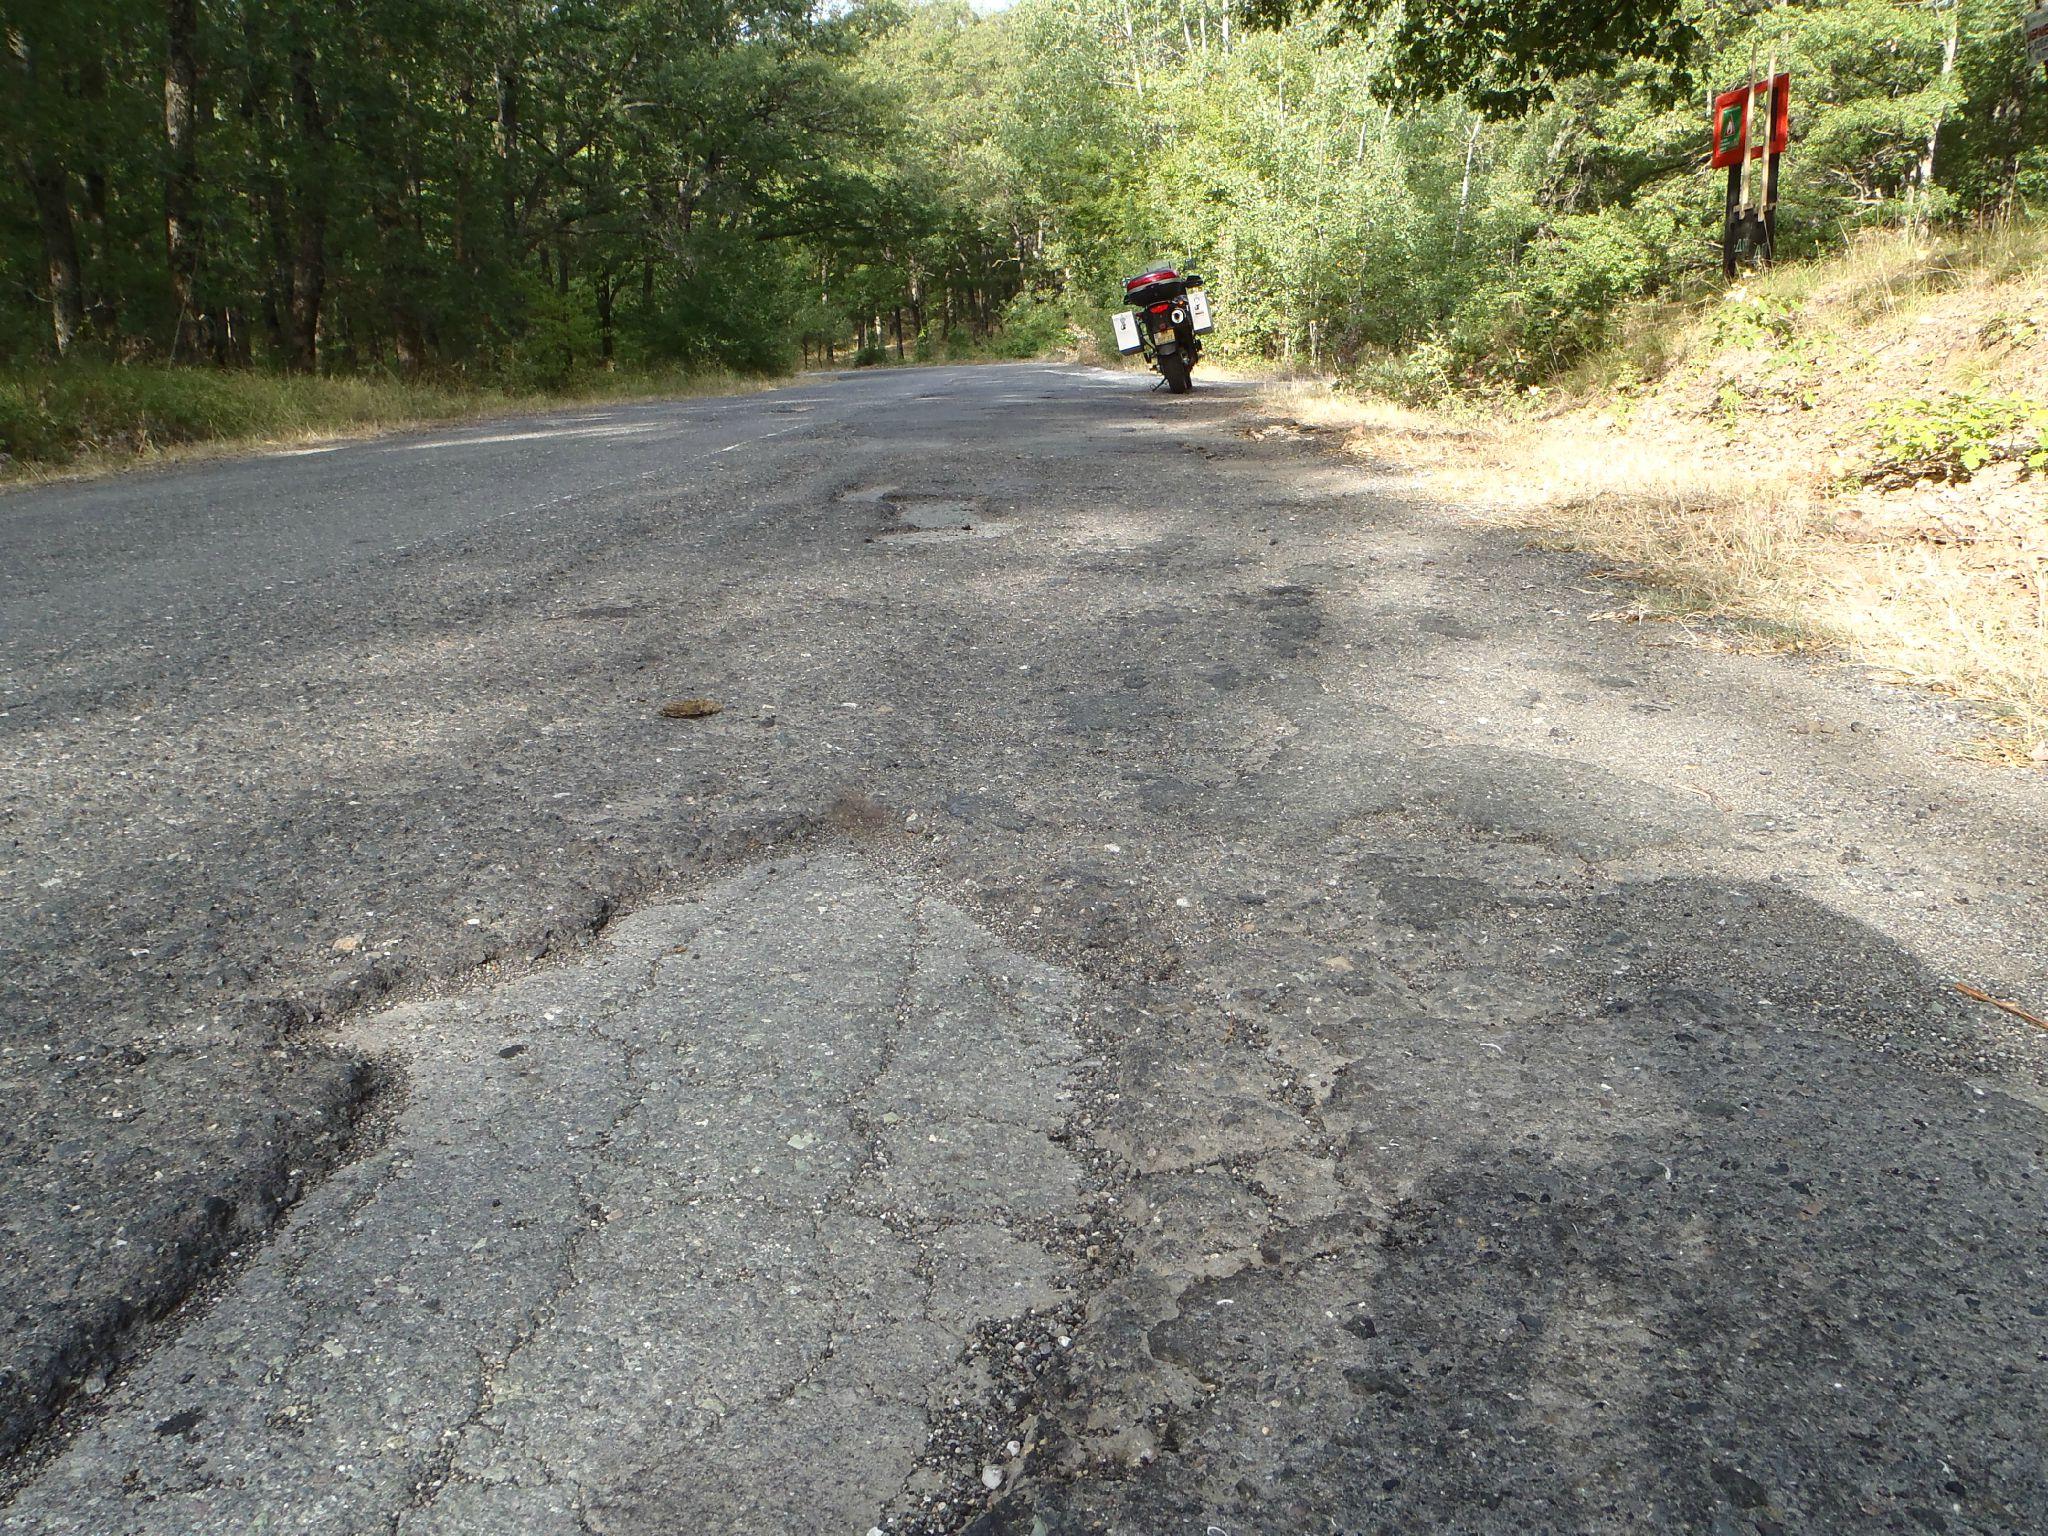 bulgarie - route légèrement abimée